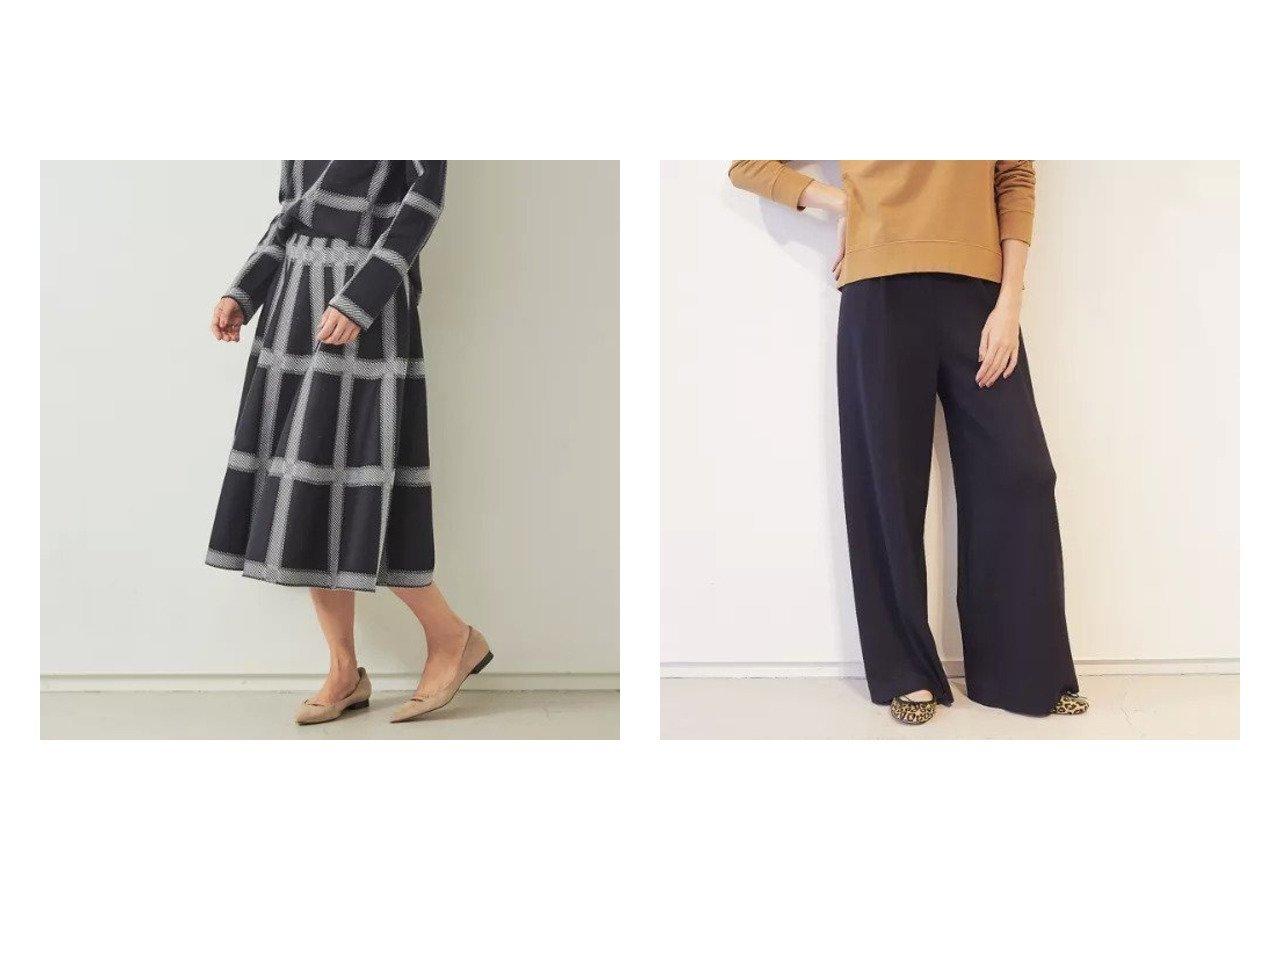 【Rouge vif/ルージュ ヴィフ】の【BRAHMIN】イージーワイドポンチパンツ&【BRAHMIN】チェック柄ジャガードニットスカート Rouge vifのおすすめ!人気、トレンド・レディースファッションの通販 おすすめで人気の流行・トレンド、ファッションの通販商品 メンズファッション・キッズファッション・インテリア・家具・レディースファッション・服の通販 founy(ファニー) https://founy.com/ ファッション Fashion レディースファッション WOMEN スカート Skirt パンツ Pants シンプル セットアップ チェック フェミニン マキシ ロング シューズ ストレッチ フラット ボトム ワイド  ID:crp329100000019128